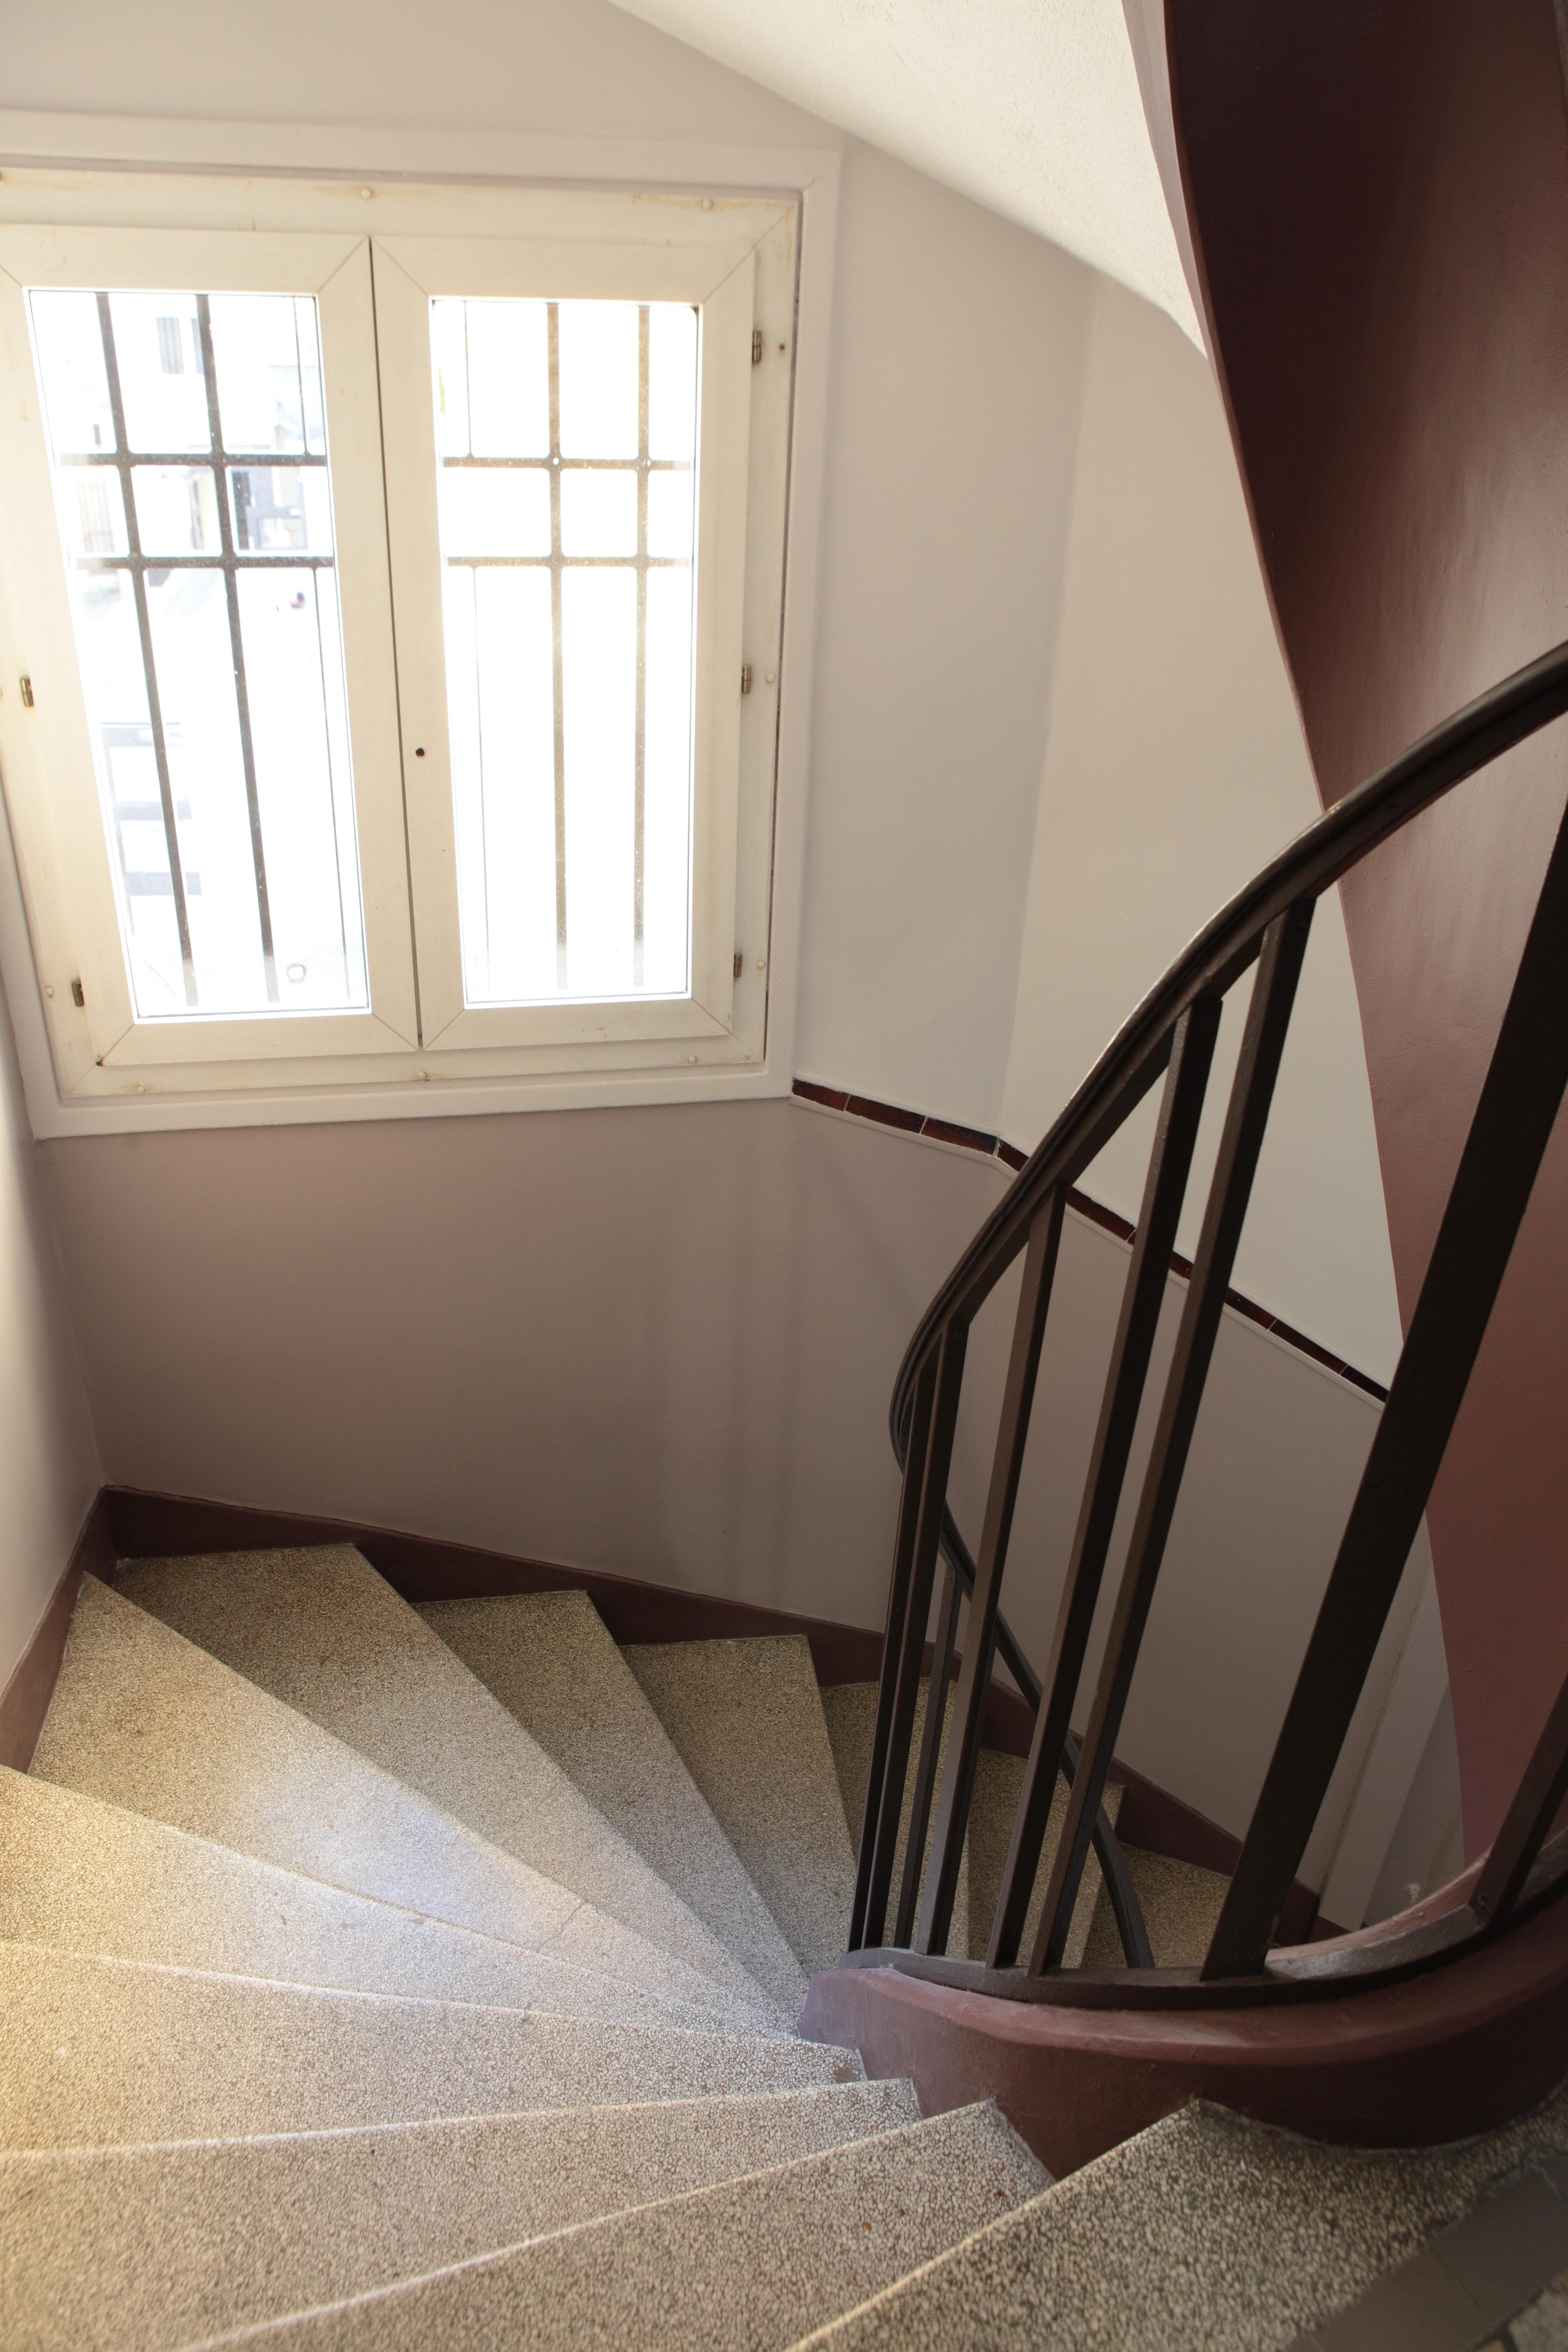 Peindre Une Cage D Escalier En 2 Couleurs cages d'escalier – art et couleur